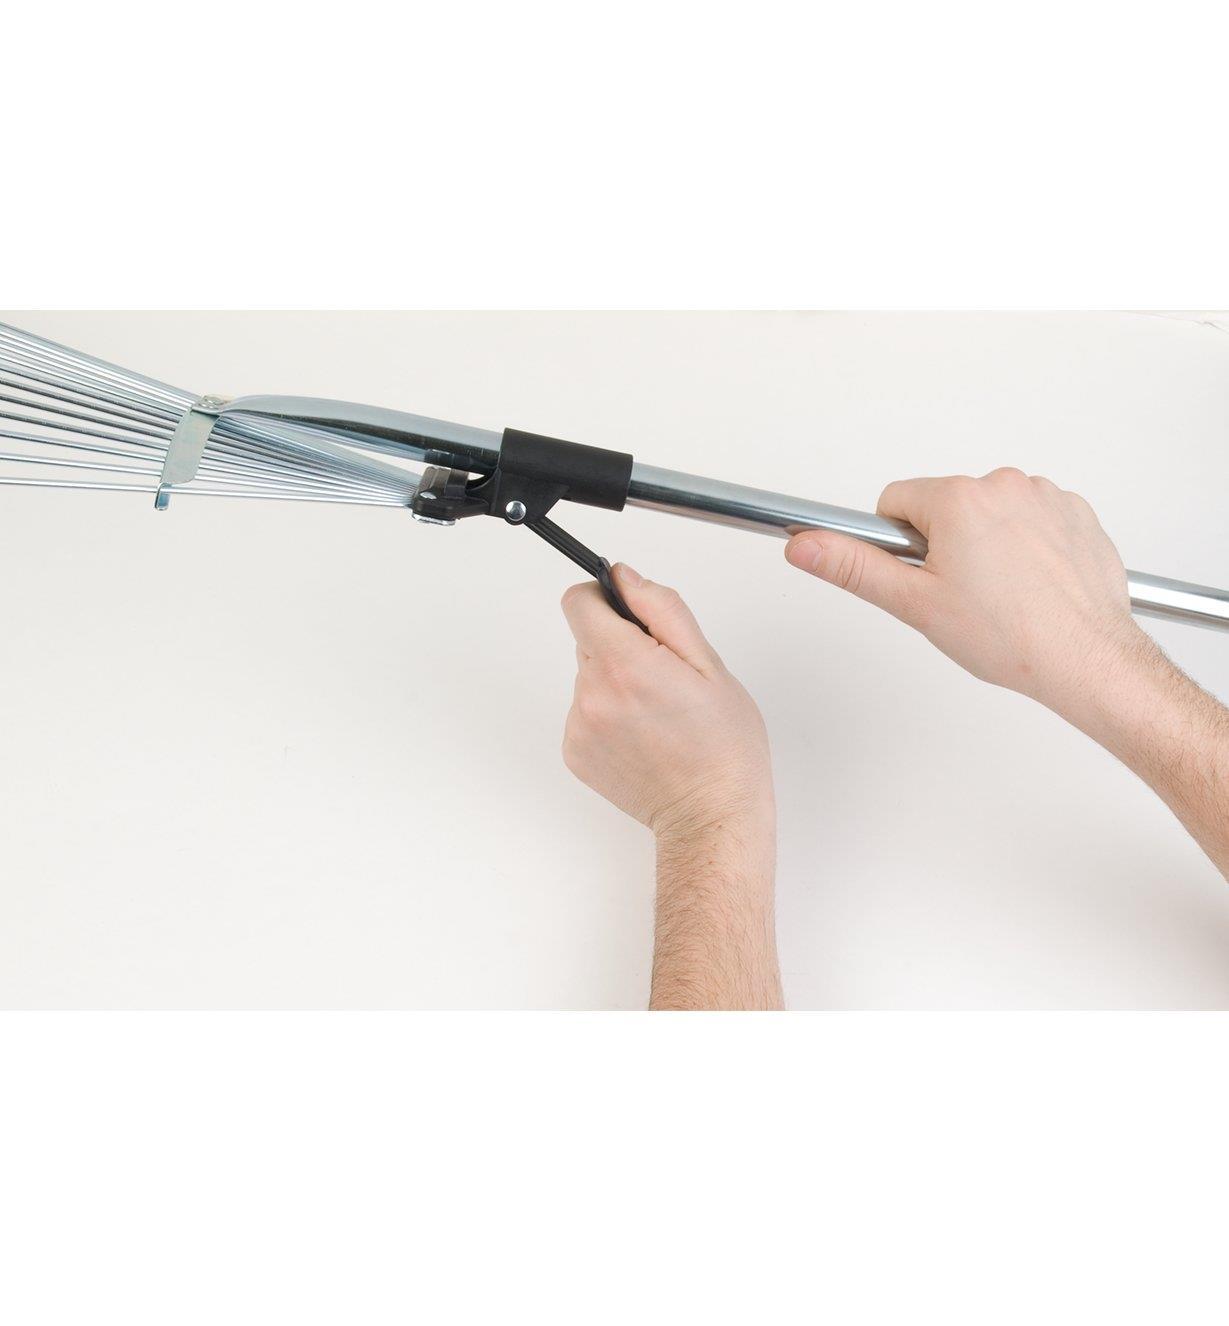 Soulevez le levier du balai à manche long pour régler la longueur du manche et l'écartement des dents.